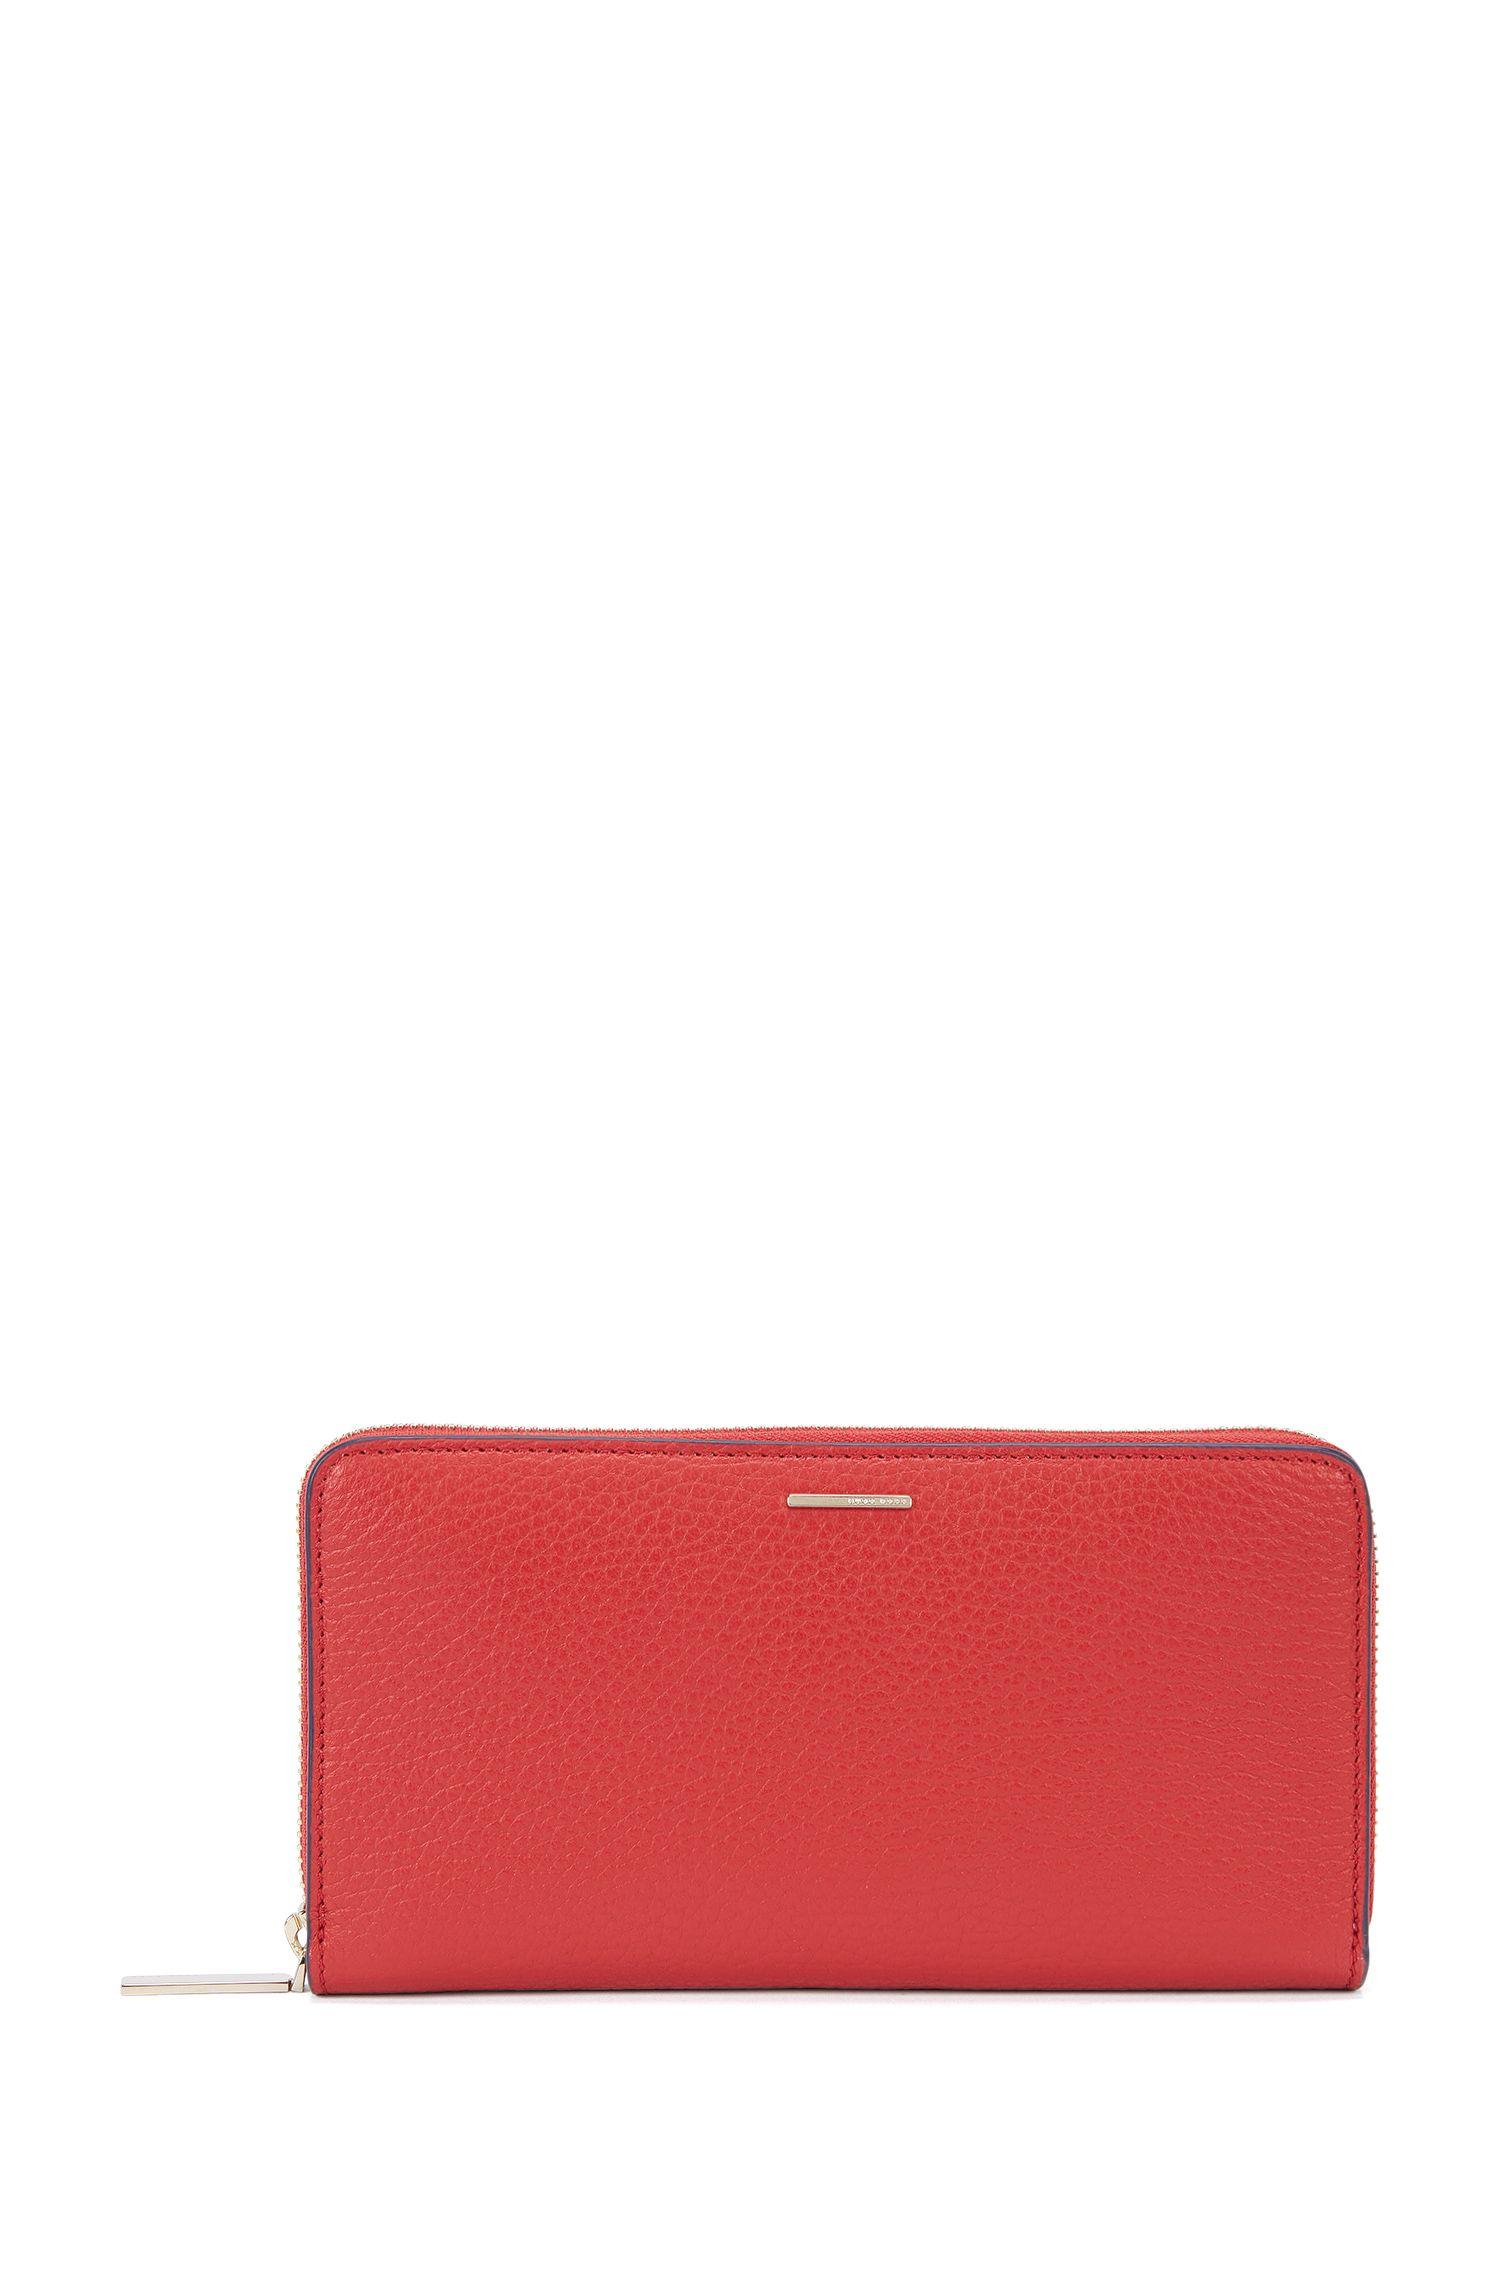 Portafoglio in pelle martellata della collezione BOSS Luxury Staple